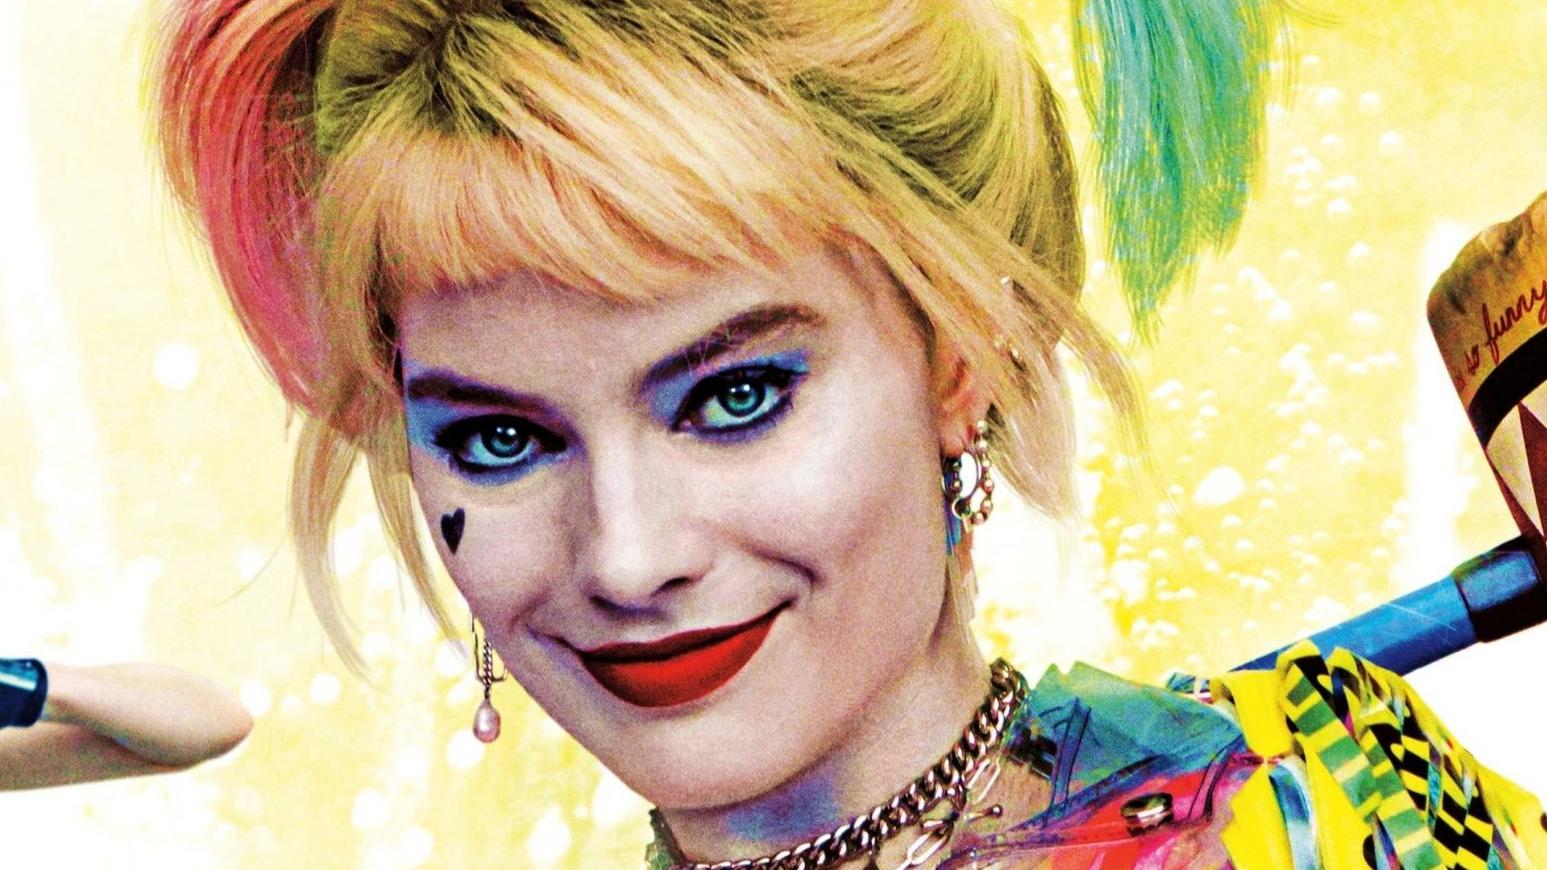 Margot Robbie Getting A Harley Quinn TV Show?